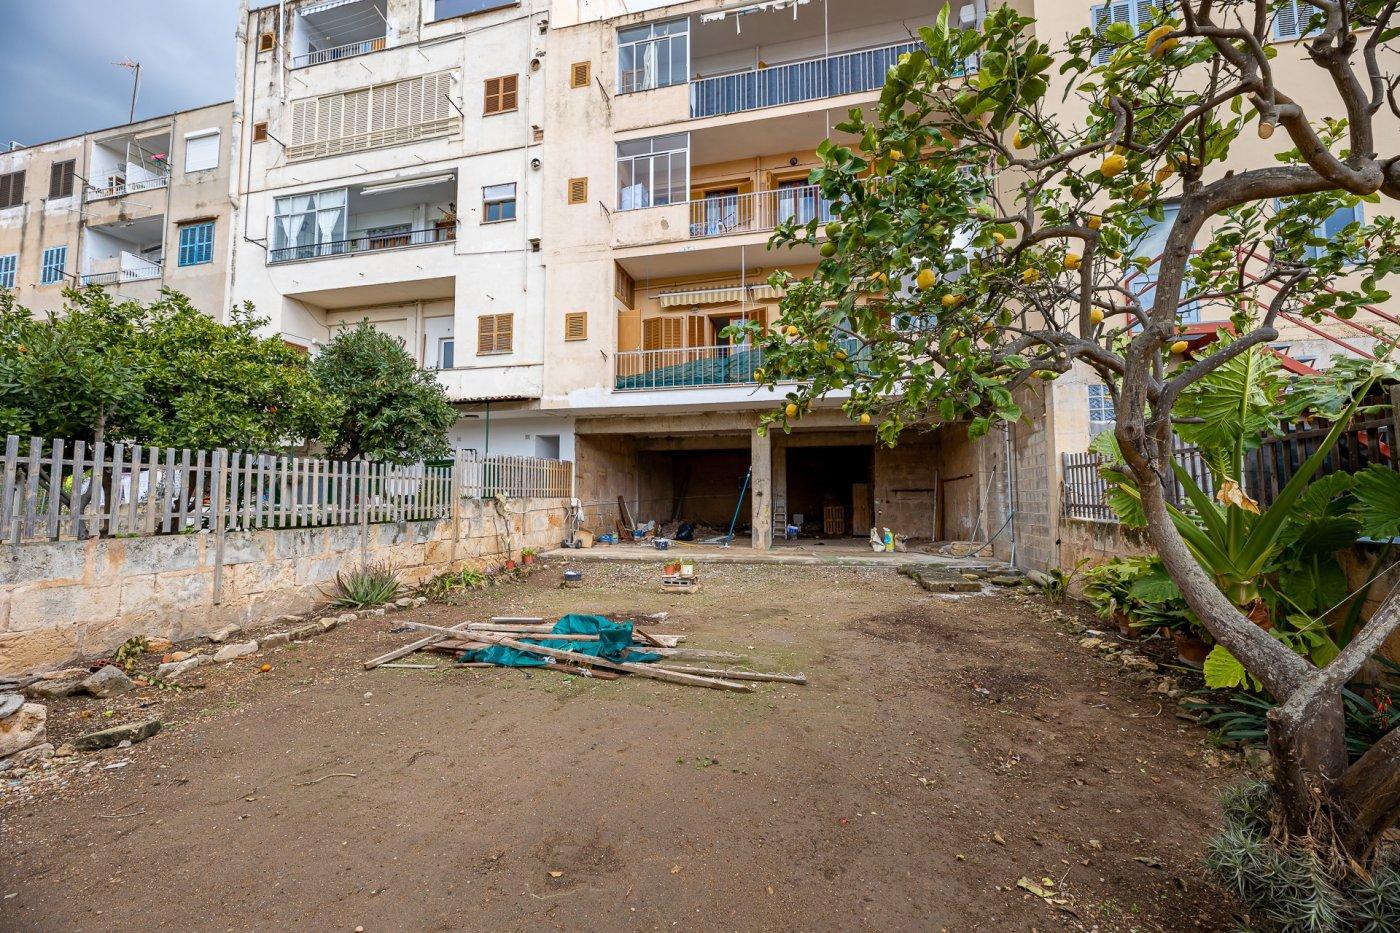 Planta baja y sala adicional de 95 m² con patio de 160 m² - imagenInmueble13